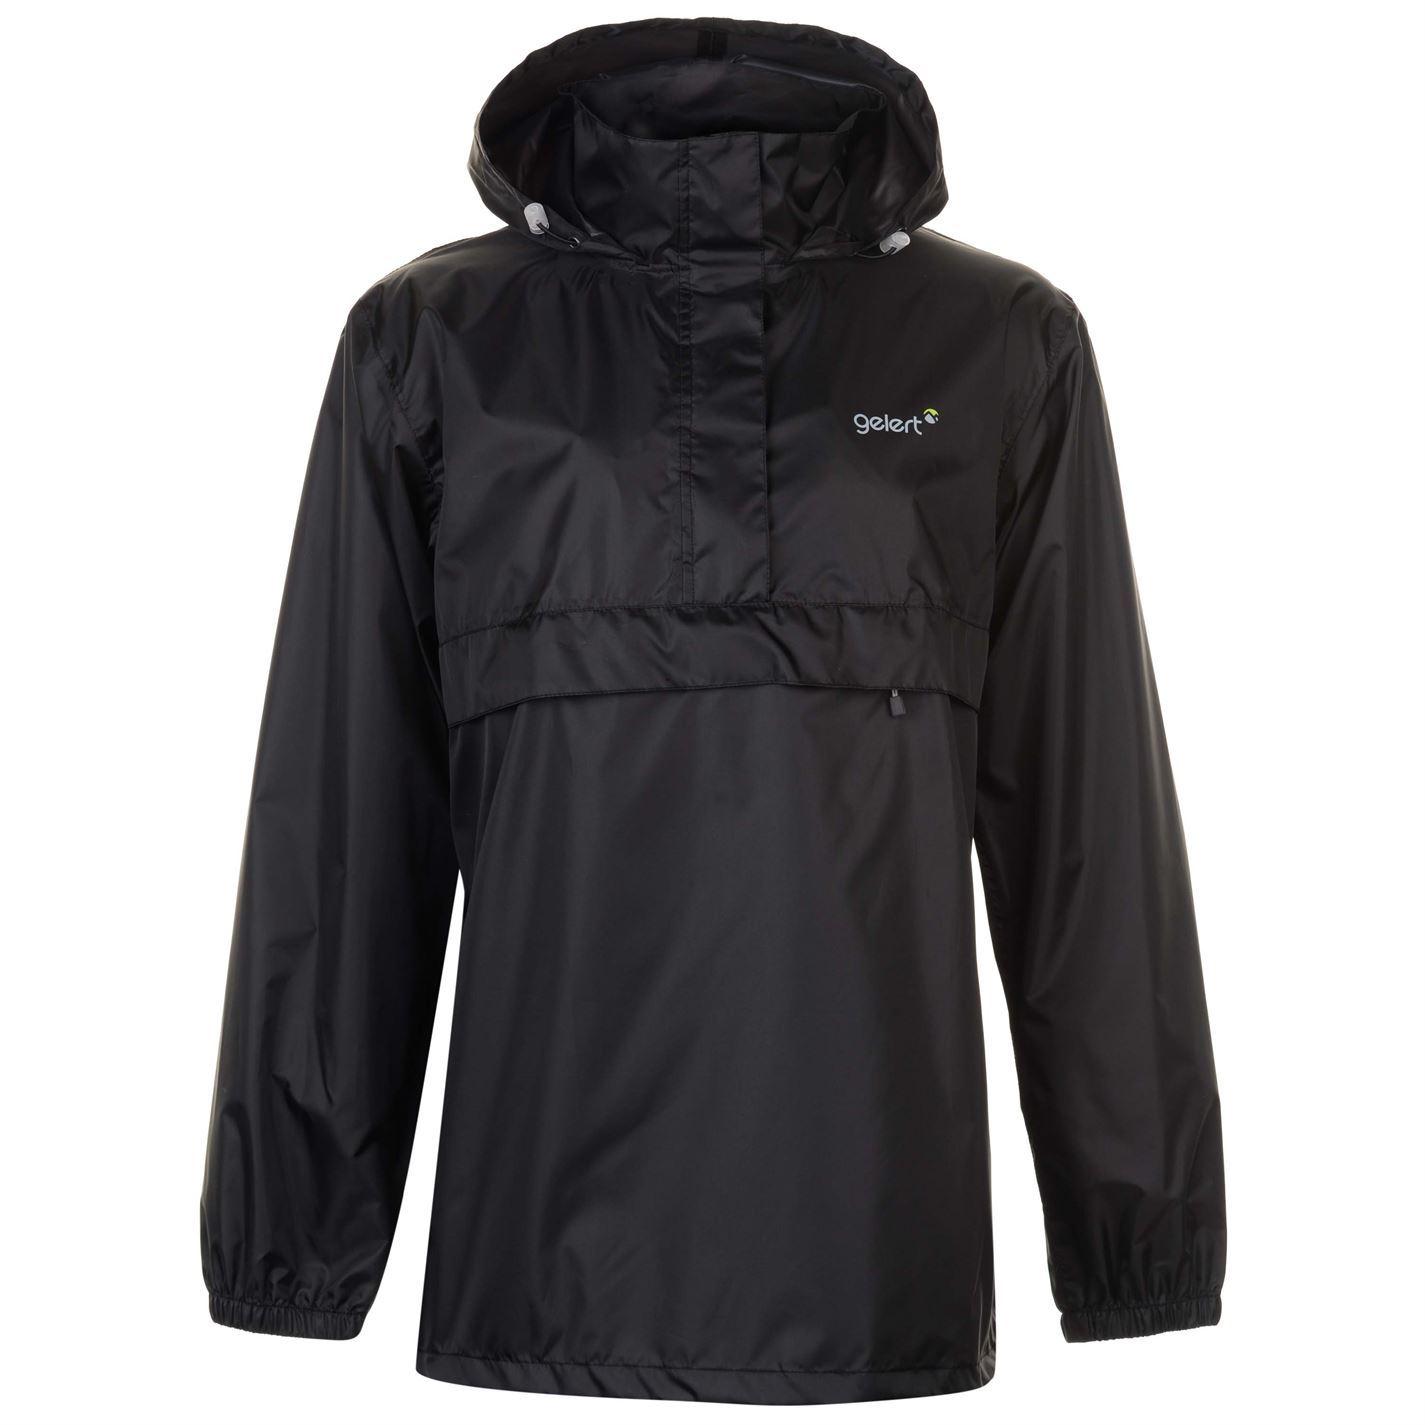 Gelert Packaway Smock Mens Gents Water Repellent Jacket Coat Top Ventilated